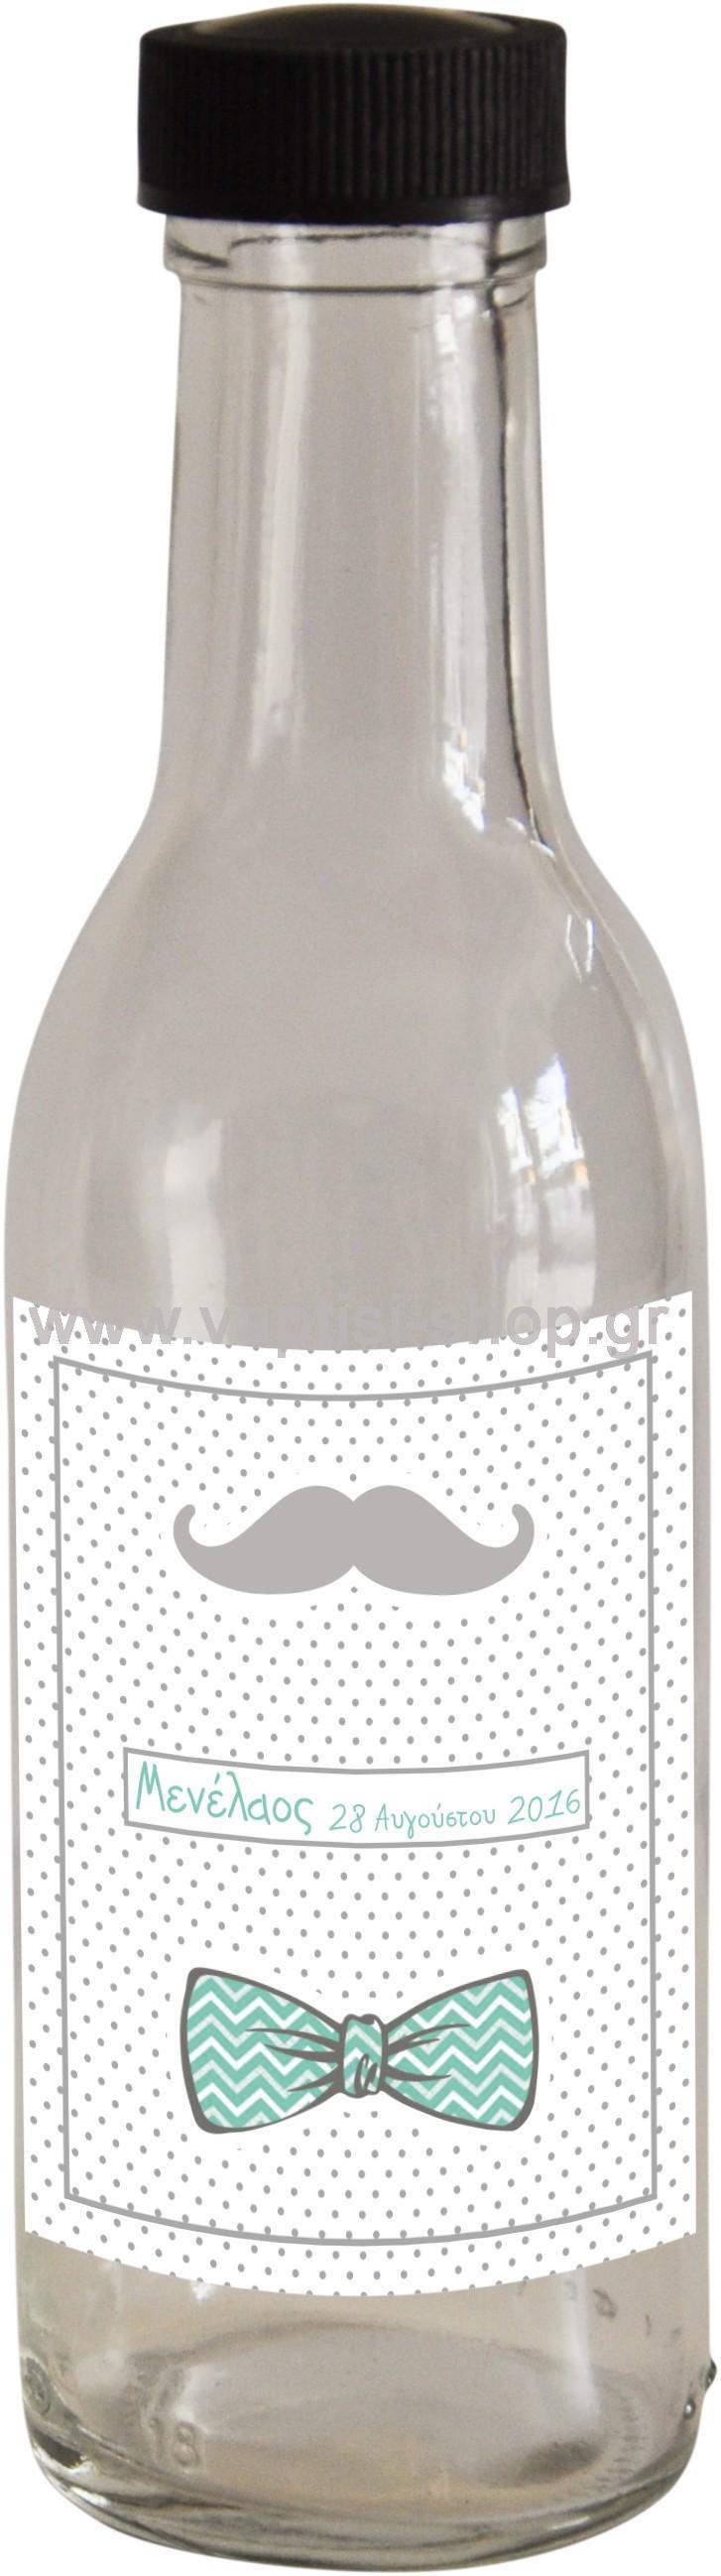 Μπουκαλάκι Στρογγυλό με Καπάκι Μουστάκι-Φιόγκος